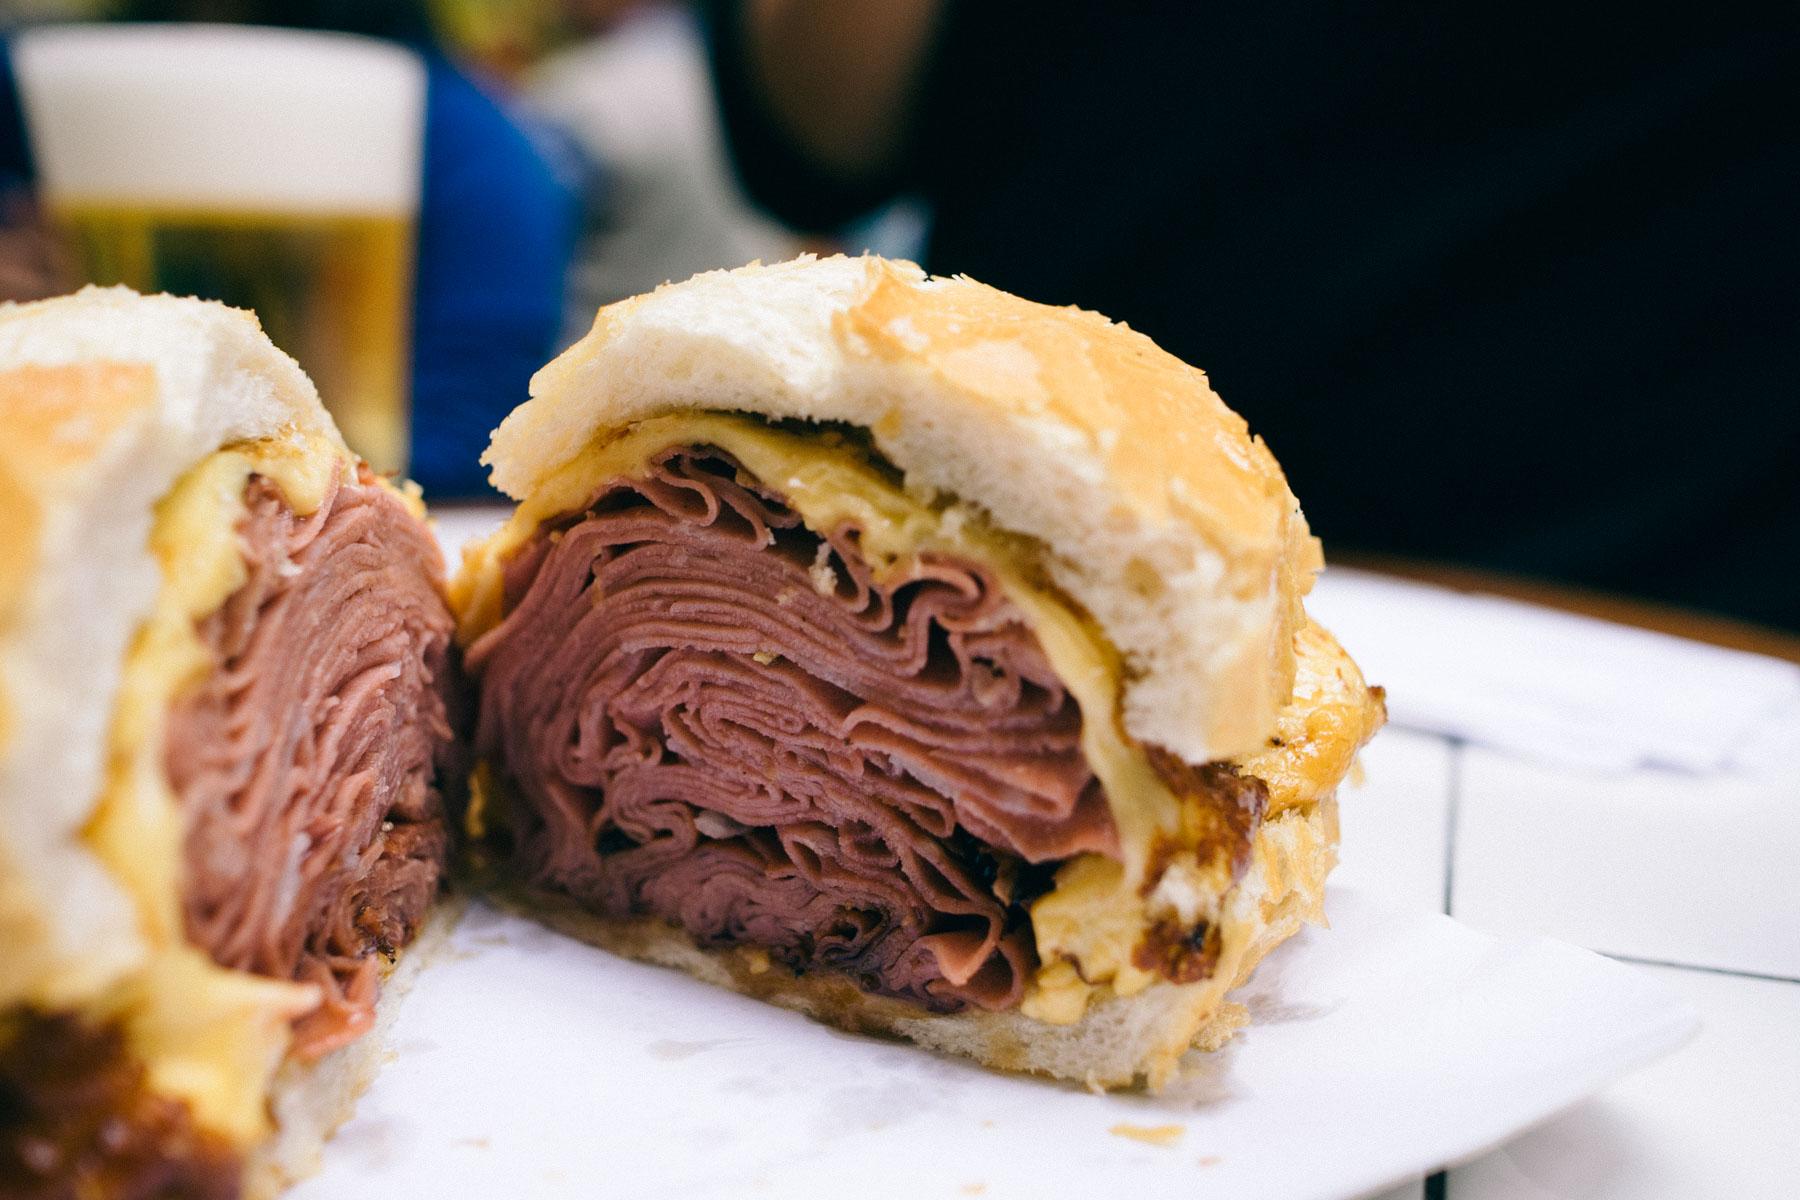 Mortadella Sandwich The Mortadella Sandwich